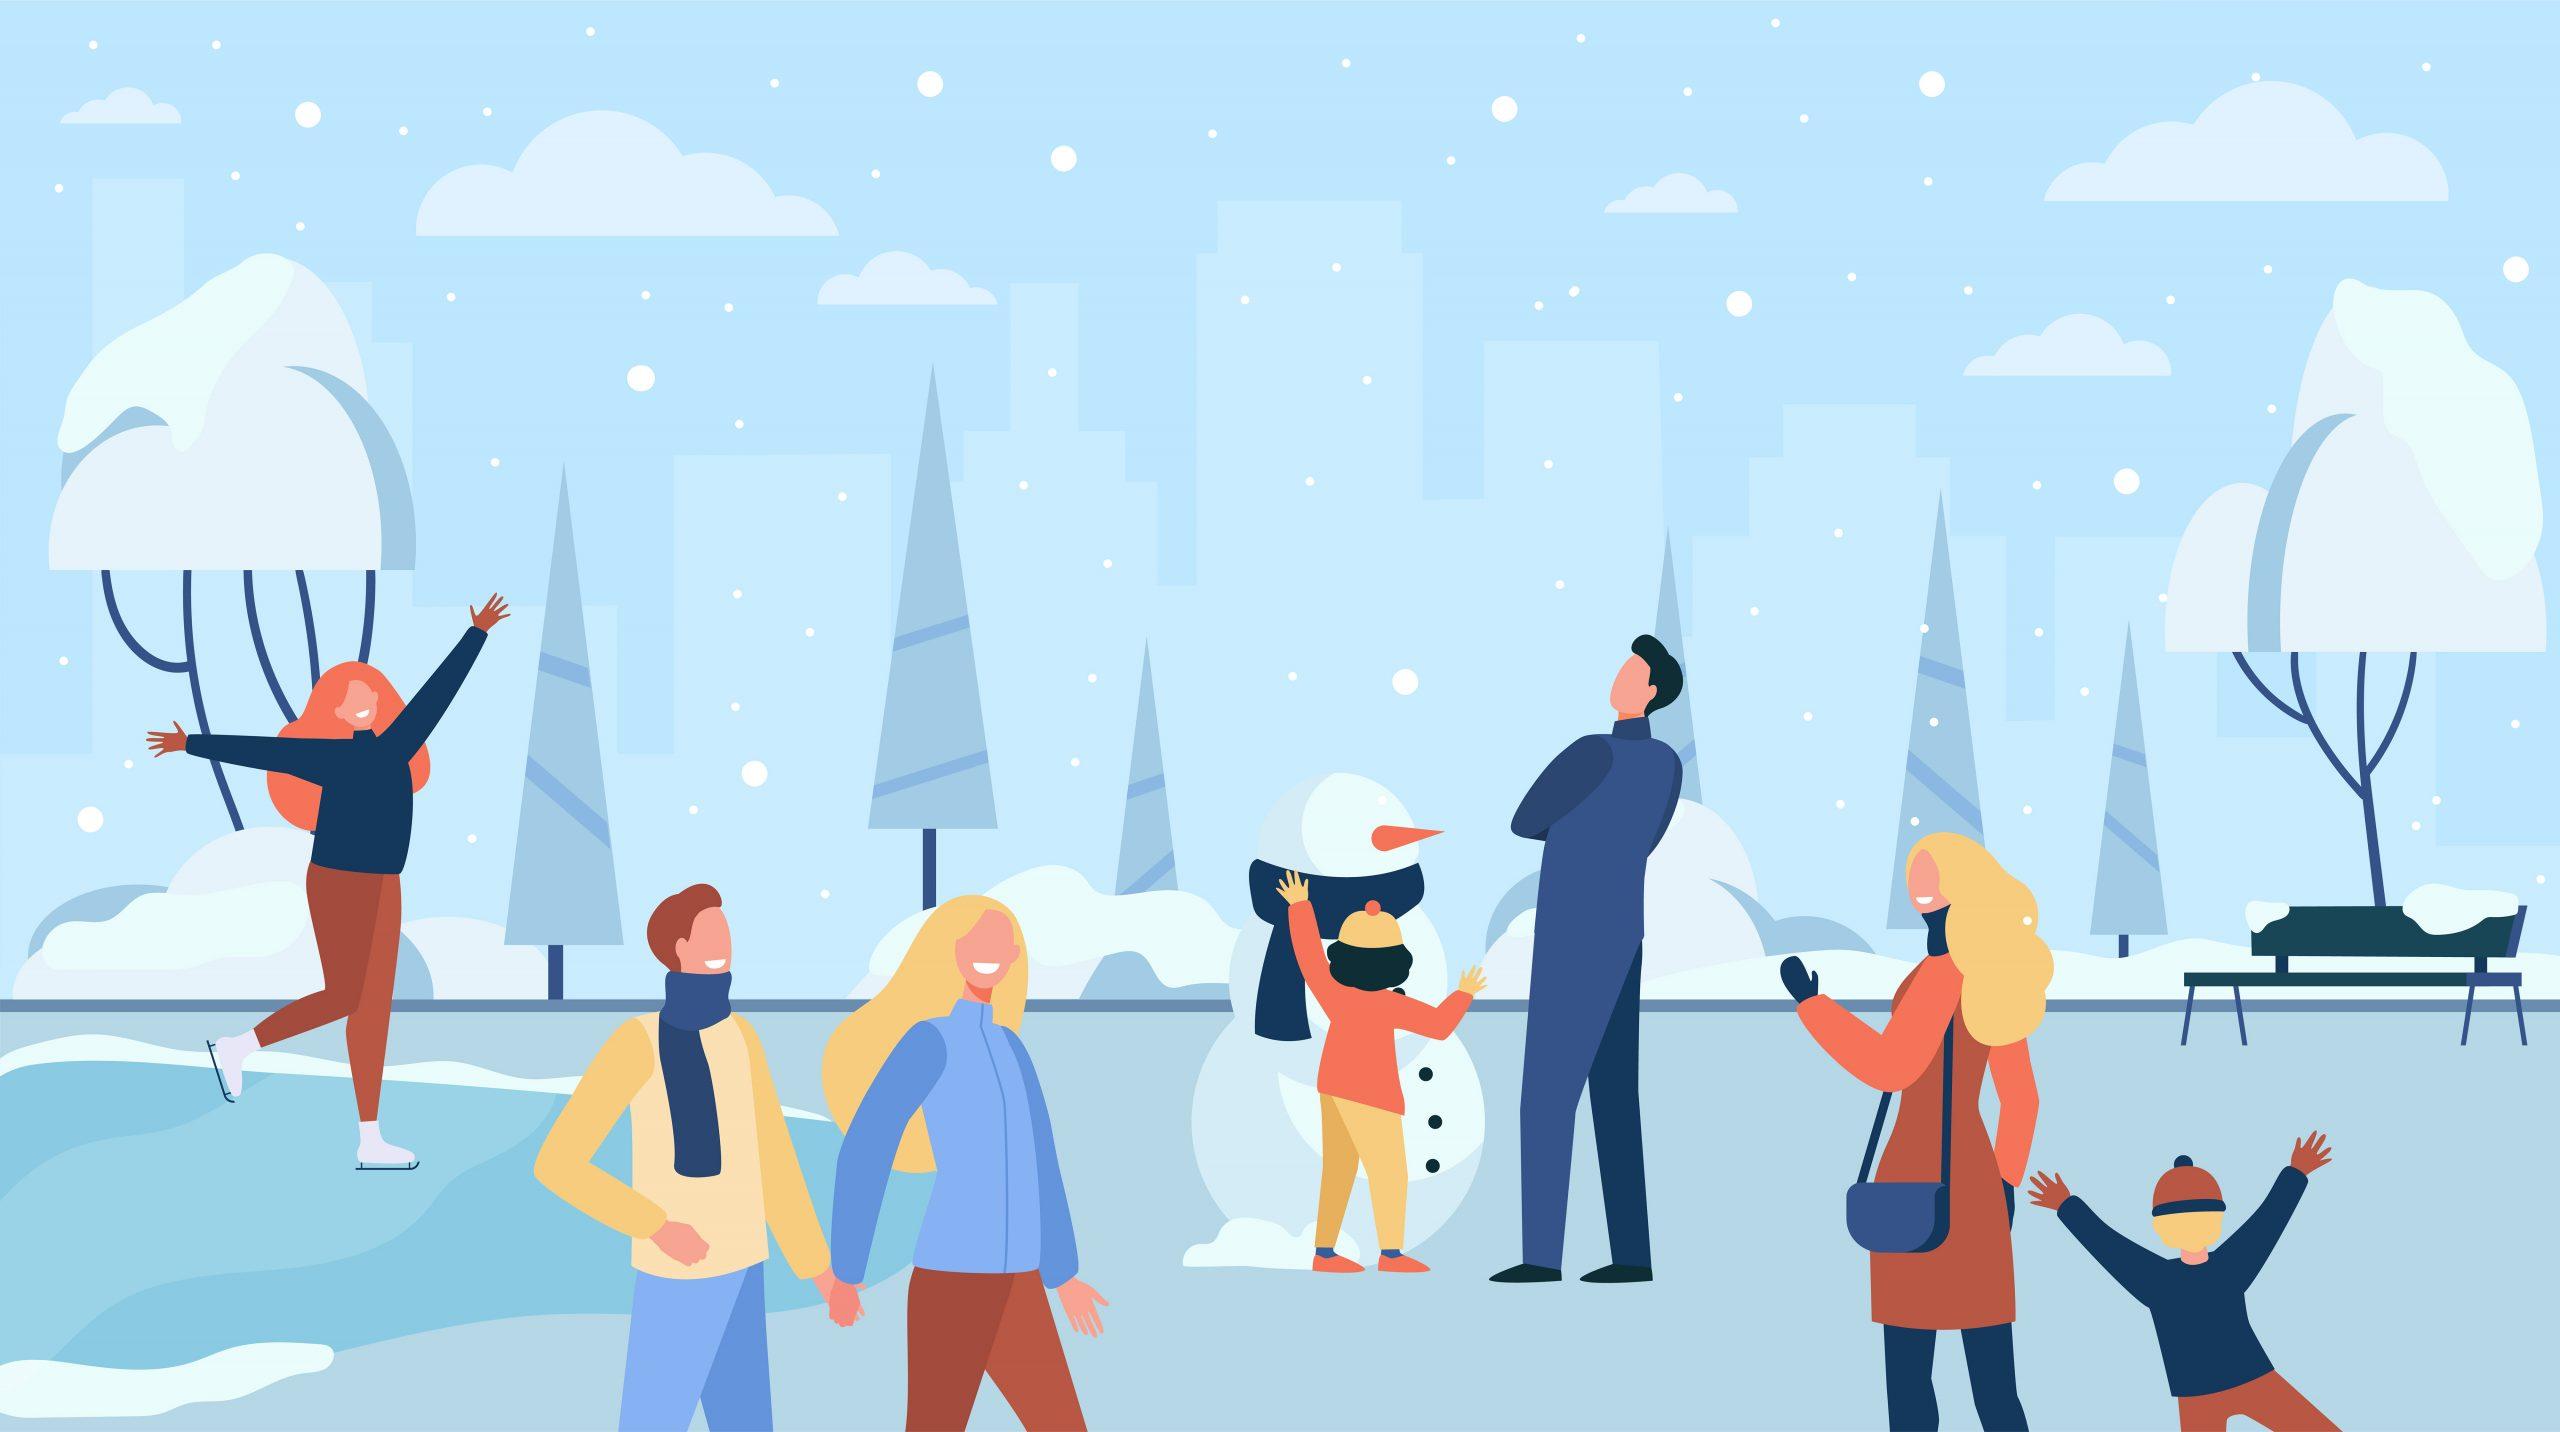 Clipart van mensen die sneeuwpret hebben